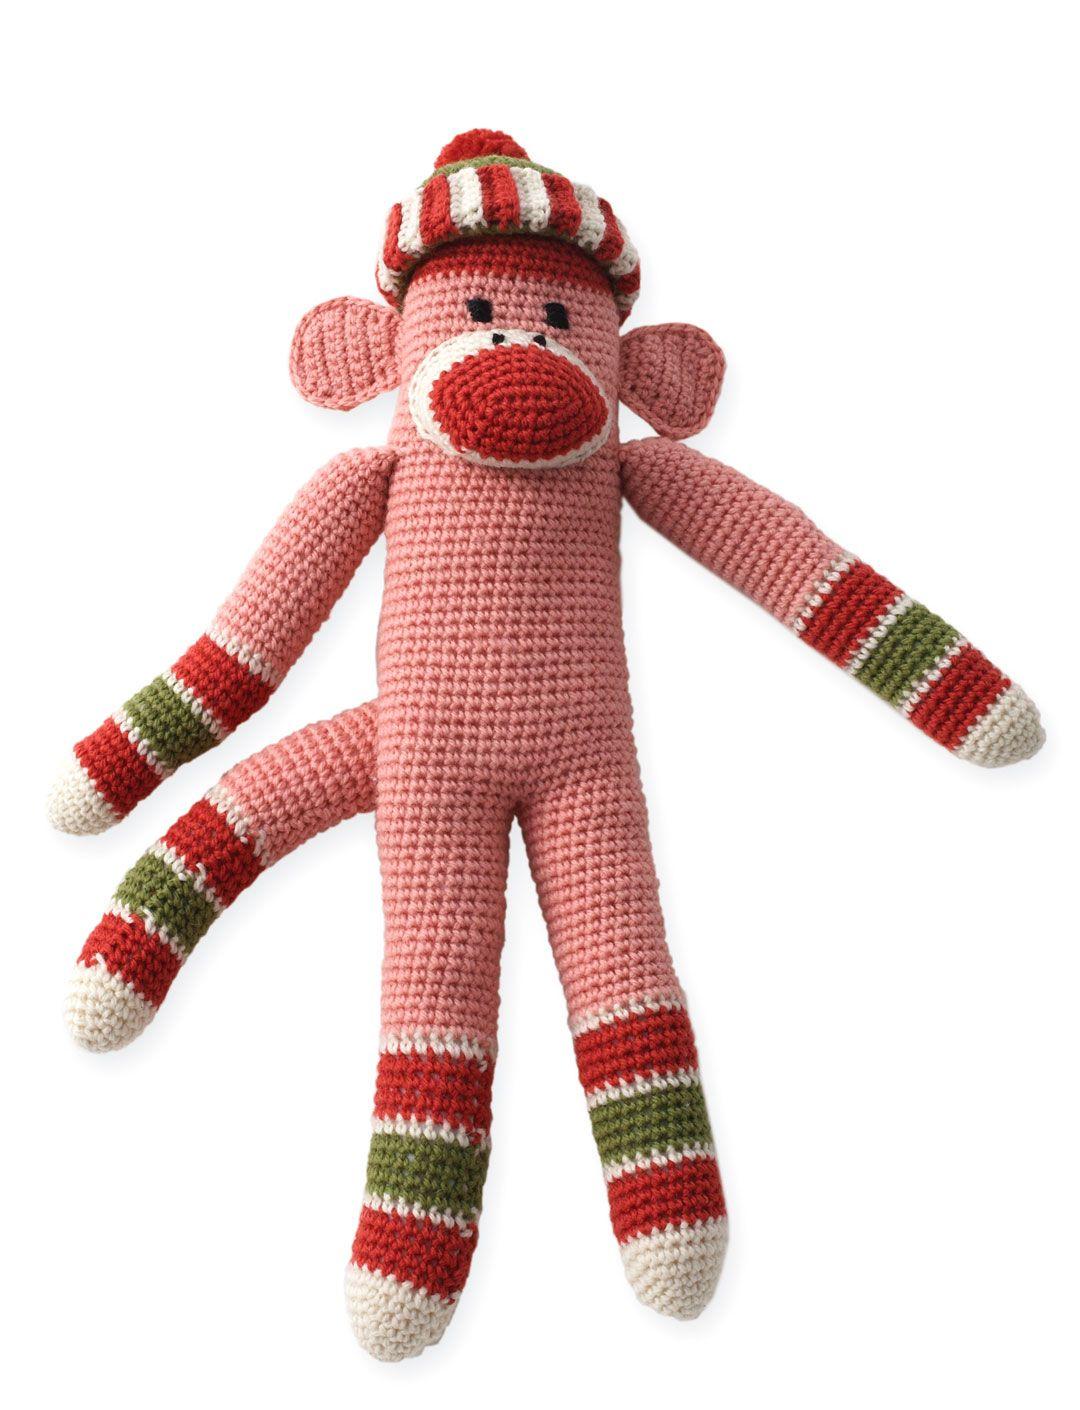 Sock Monkey - Free Crochet Pattern - (yarnspirations) | CROCHET ...